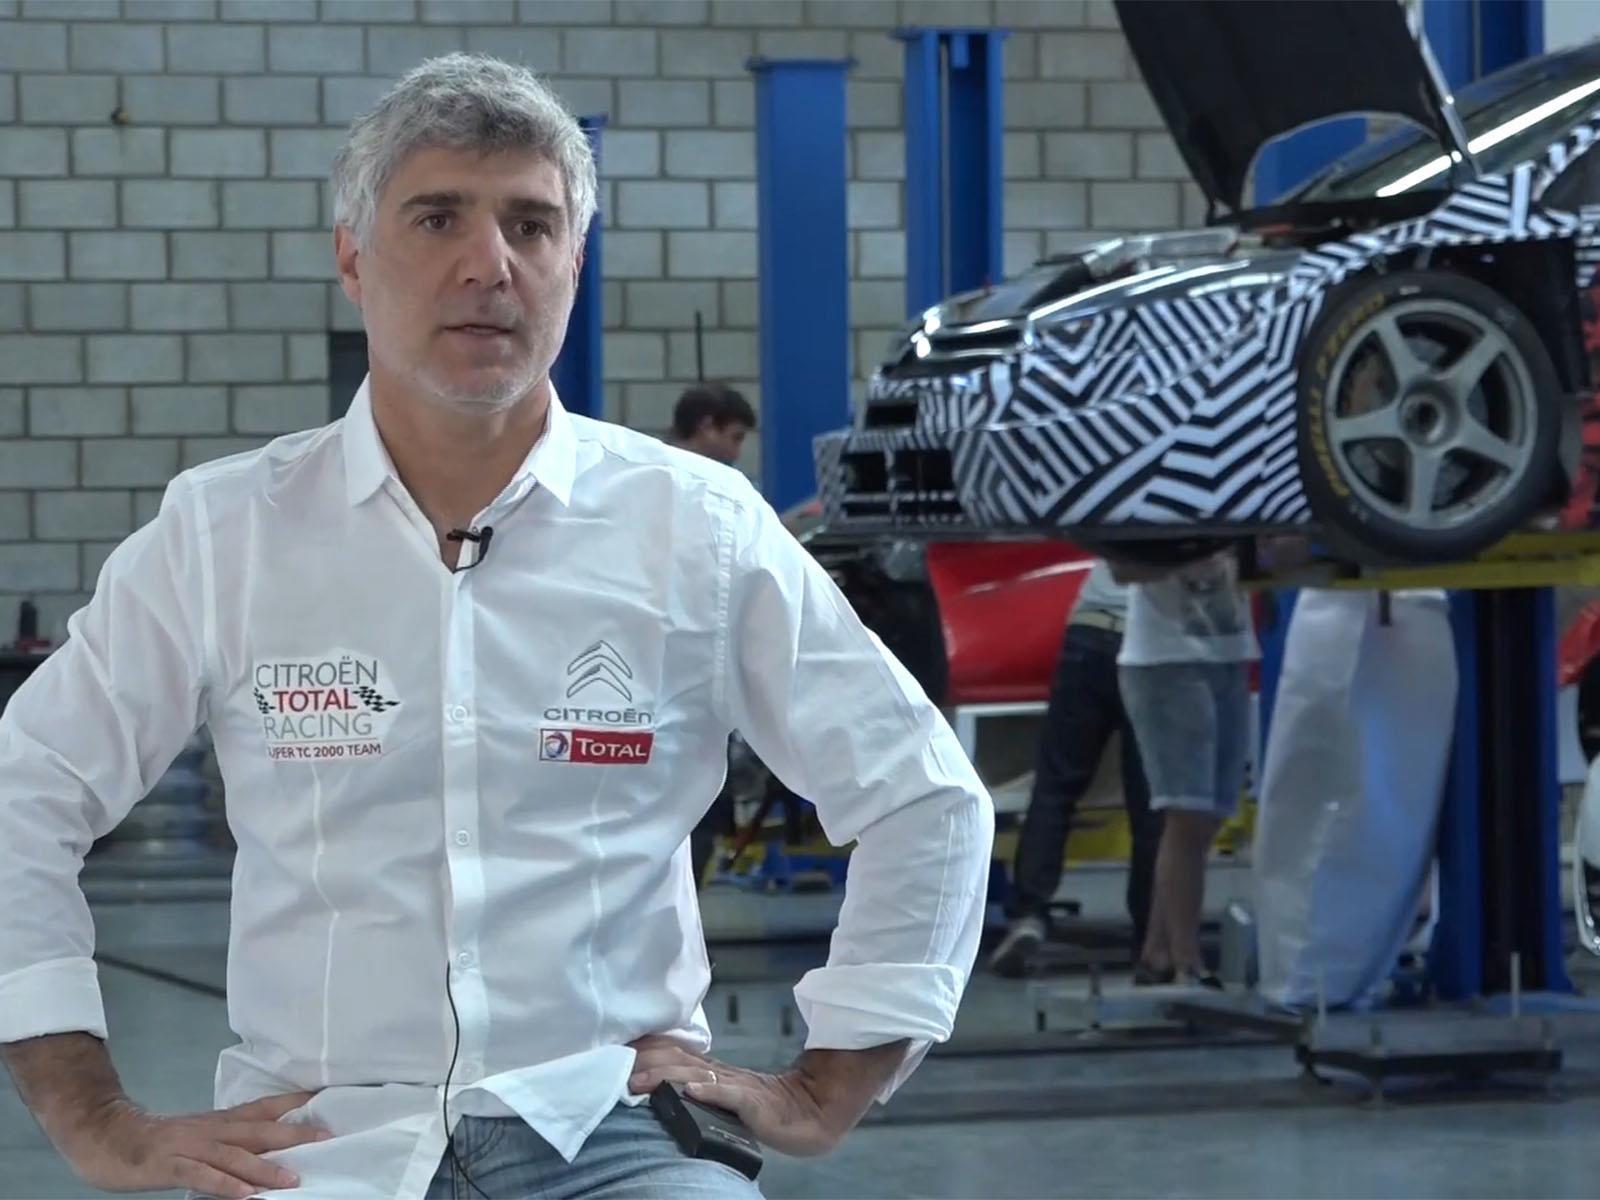 STC2000: Citroën nos muestra cómo construye su auto